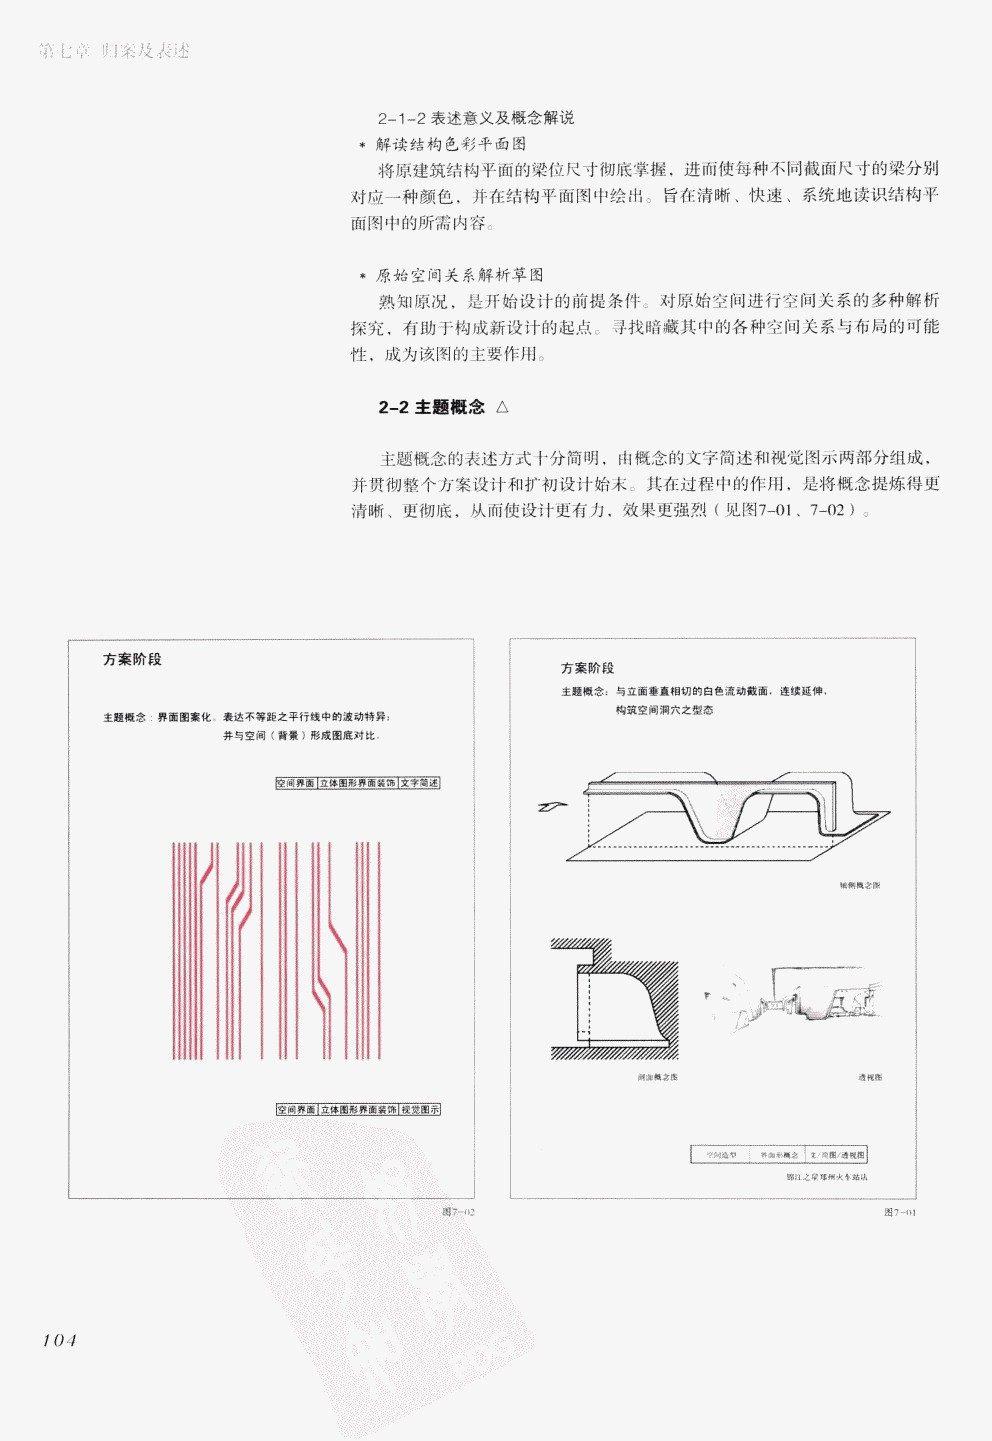 室内设计纲要++概念思考与过程表达_室内设计纲要  概念思考与过程表达_1297982..._页面_112.jpg